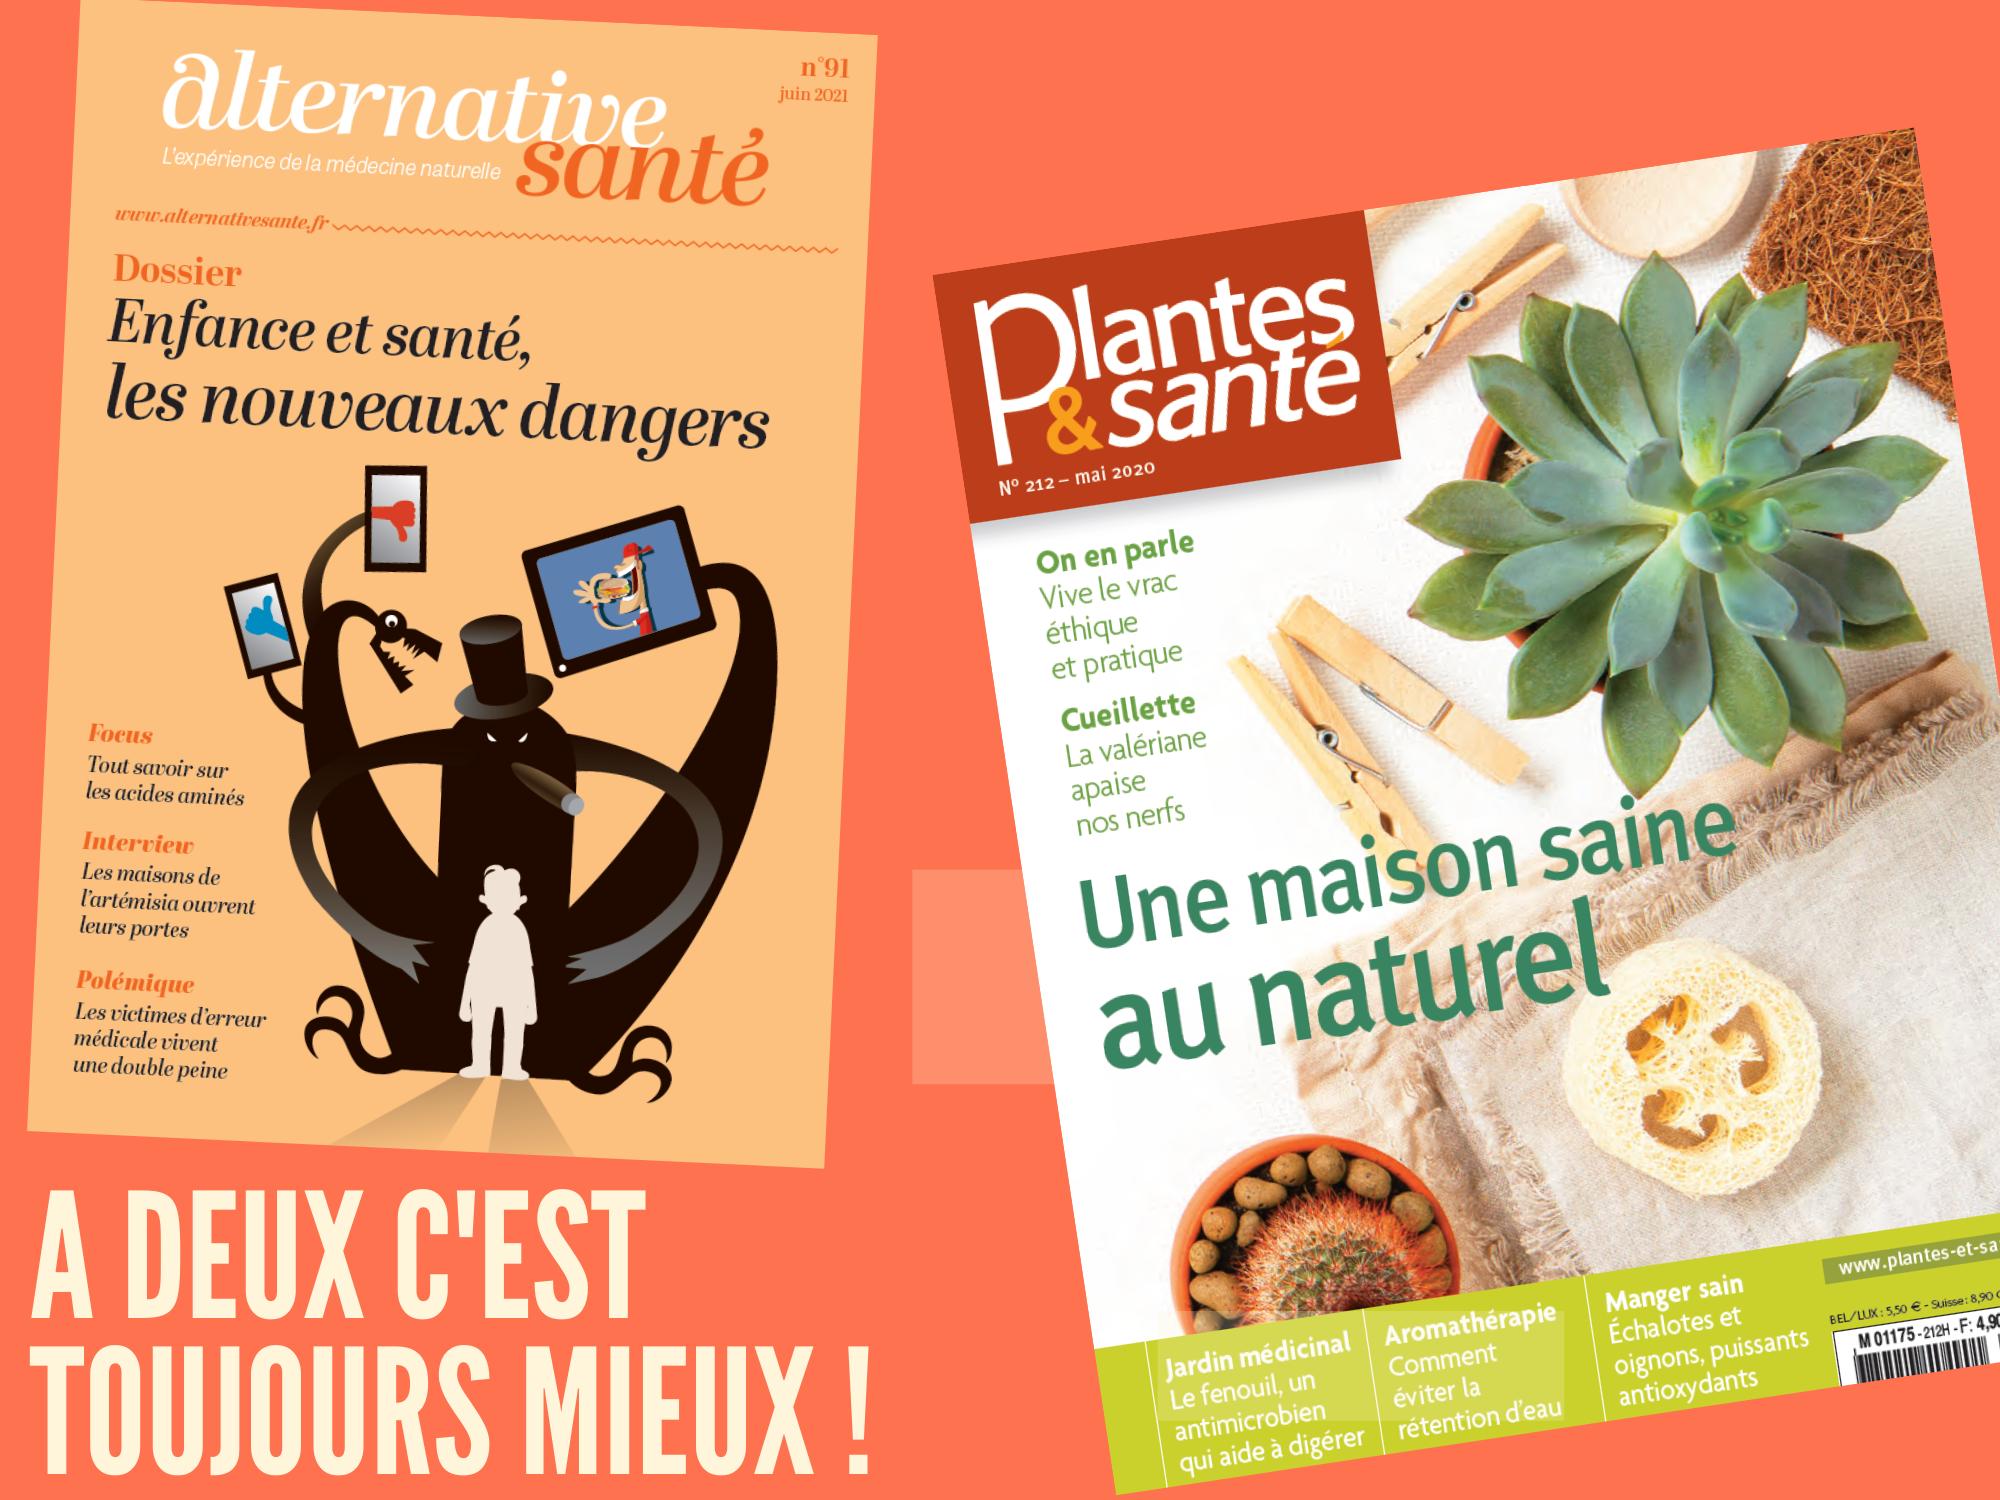 Alternative Santé et Plantes et Santé magazines Ginkgo Média